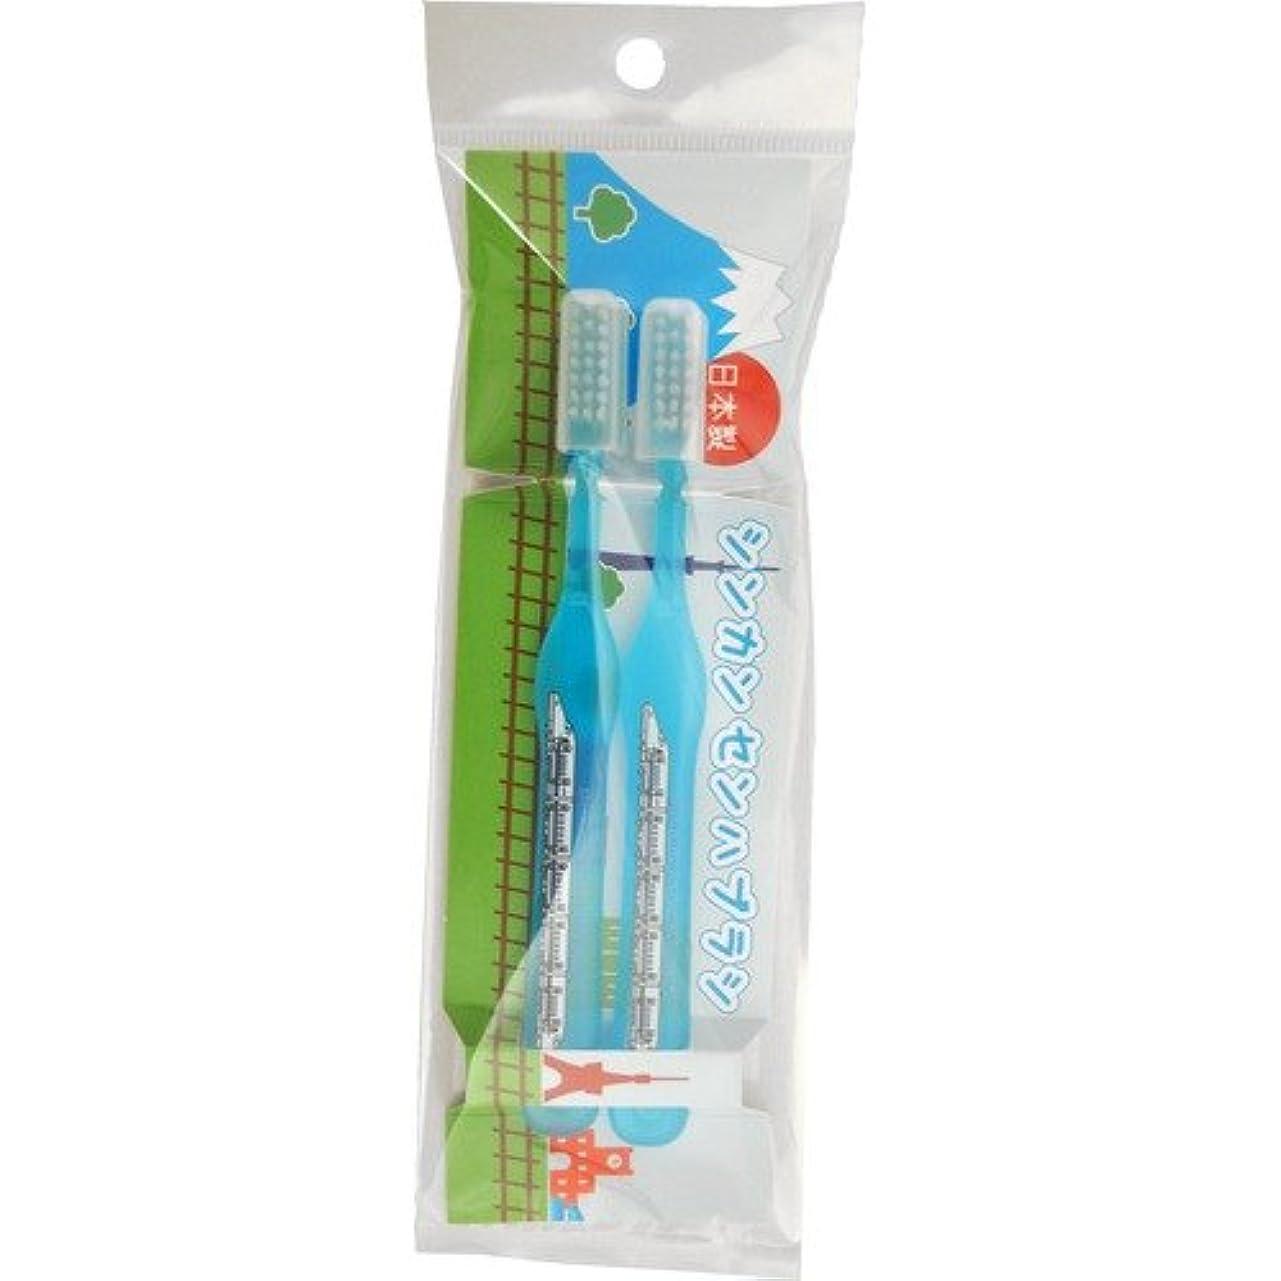 説明する繊毛イブアヌシ 新幹線ハブラシ N700系のぞみ SH-280 2本入 4544434200781